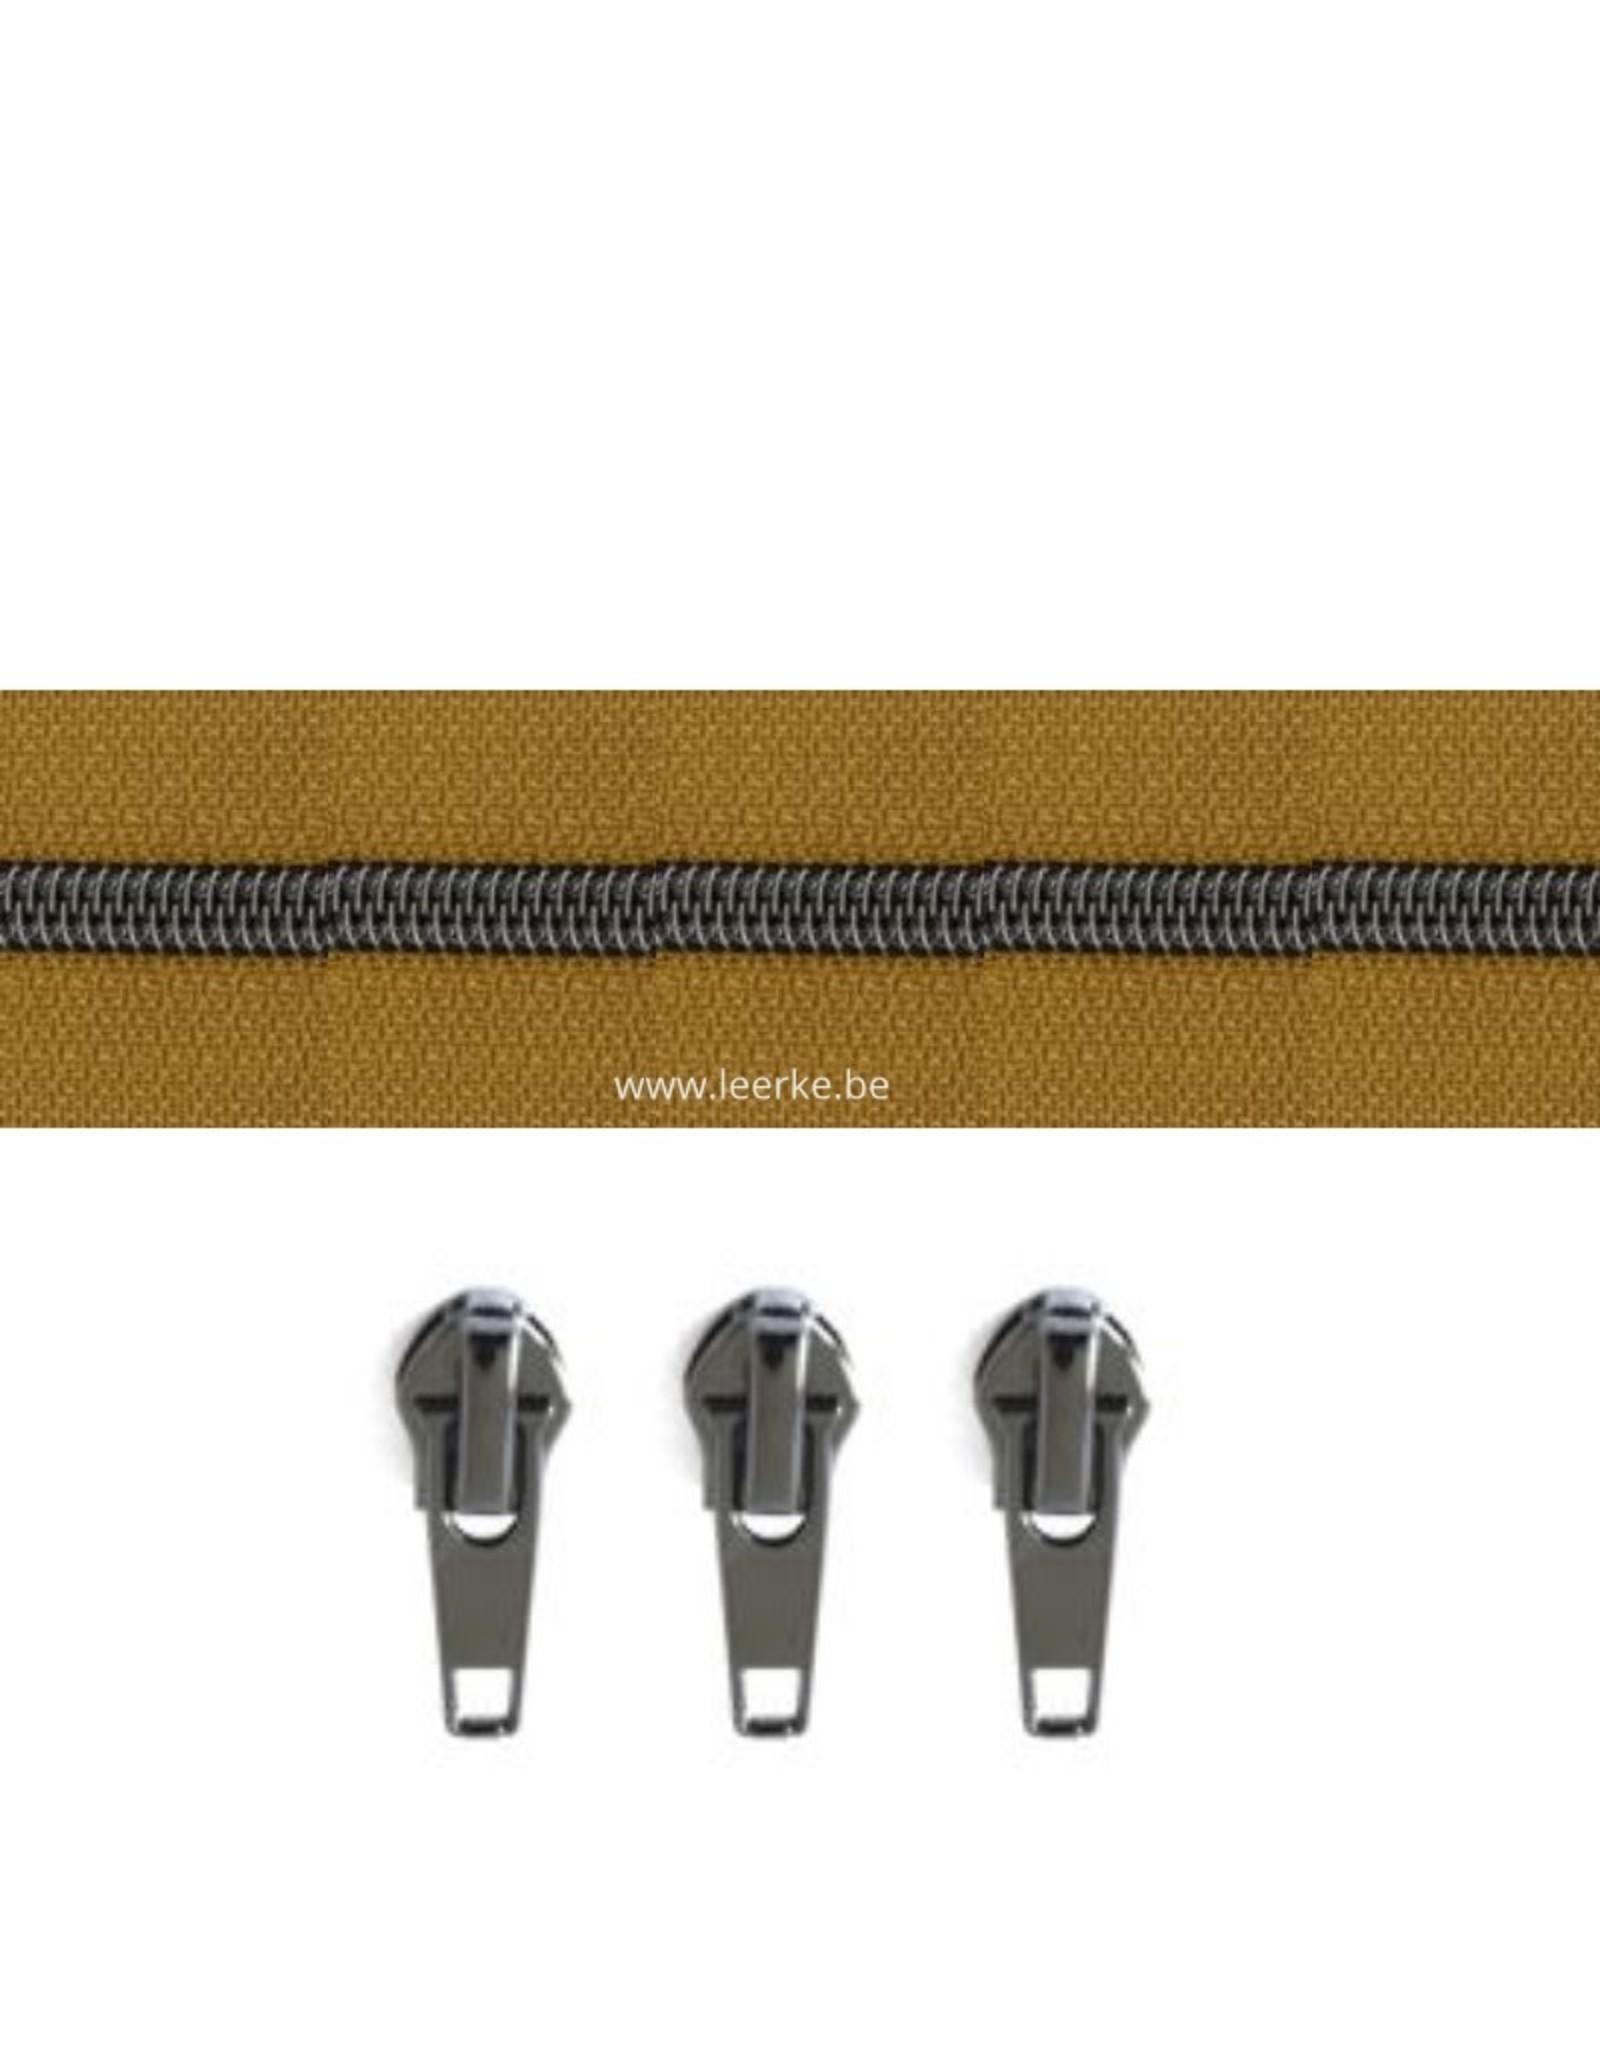 Rits per meter (incl. 3 trekkers) - Gunmetal - Curry- Size 6,5